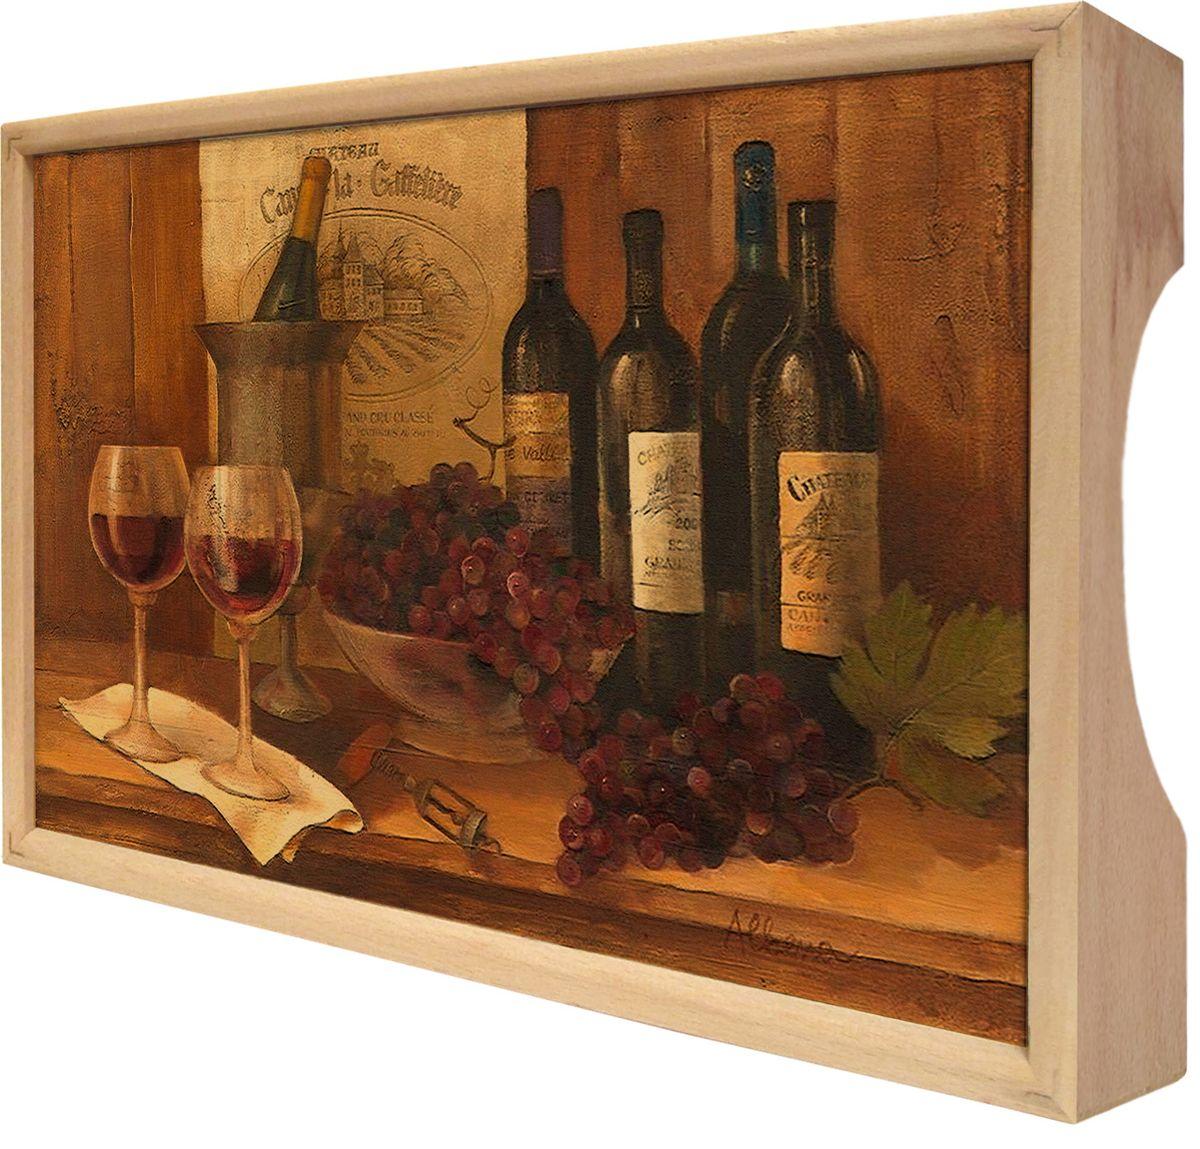 Поднос GiftnHome Винтажные вина, 25 х 37,5 см54 009312Поднос GiftnHome Винтажные вина изготовлен из бука - благородной породы древесины. Это крепкий, экологичный и надежный материал, который идеально подходит для производства подносов. Изделие прекрасно перенесет длительную эксплуатацию и надолго сохранит свой шарм древесной структуры и природные качества. Поднос - это великолепное решение для подарка и истинный комплимент вашим любимым и близким людям. С ним вы с легкостью сможете подать кофе, завтрак в постель или вынести на веранду гостям закуски и фрукты. Помимо функциональной пользы, данное изделие изысканно дополнит интерьер помещения и внесет уют в домашнее пространство. Нанесенные на поднос дизайнерские принты от Креативной Студии АнтониоК делают изделие уникальным.